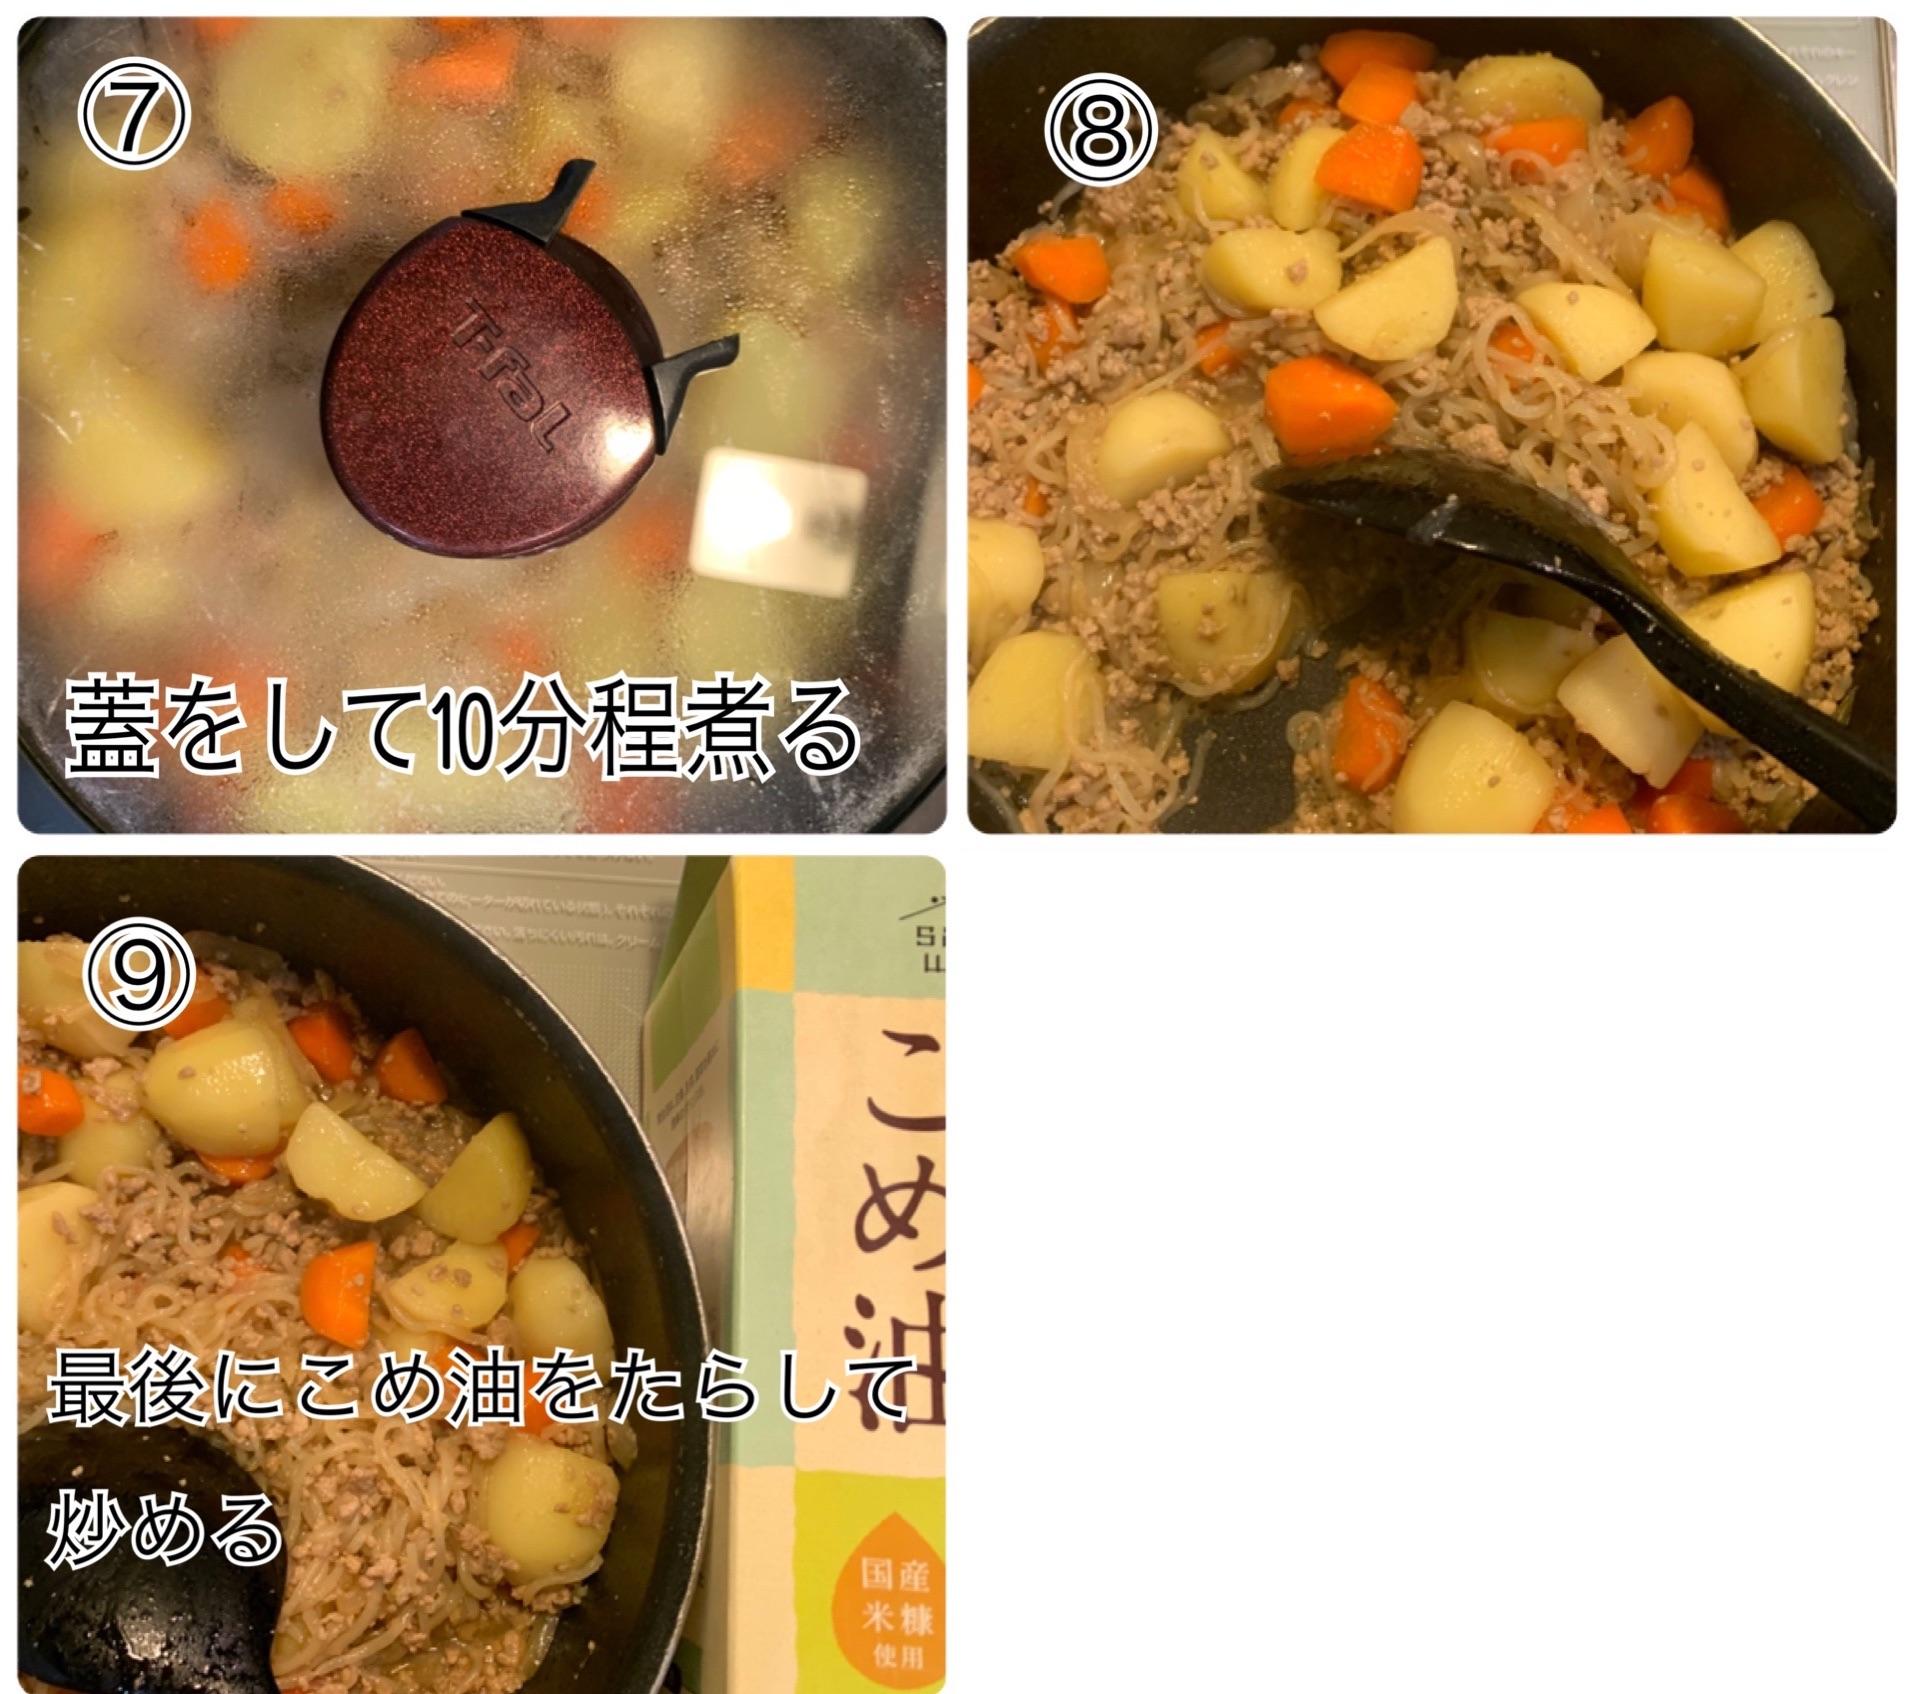 f:id:ikiruikeru43:20200518235525j:image